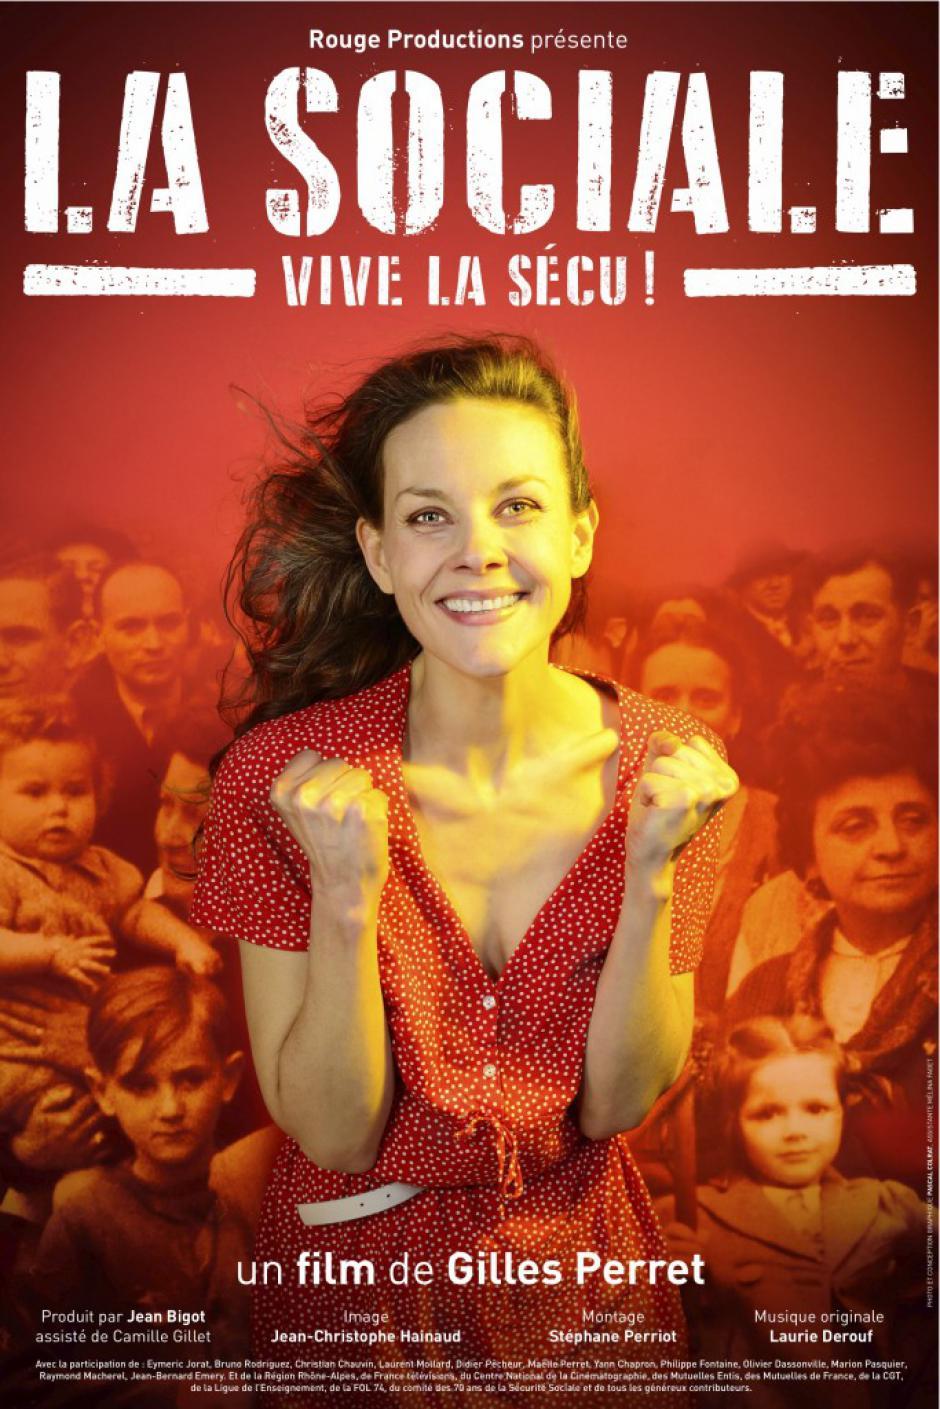 19 novembre, Clermont - SNES-FSU Retraités-Attac Oise-Conférence-débat « La sociale, vive la Sécu ! »